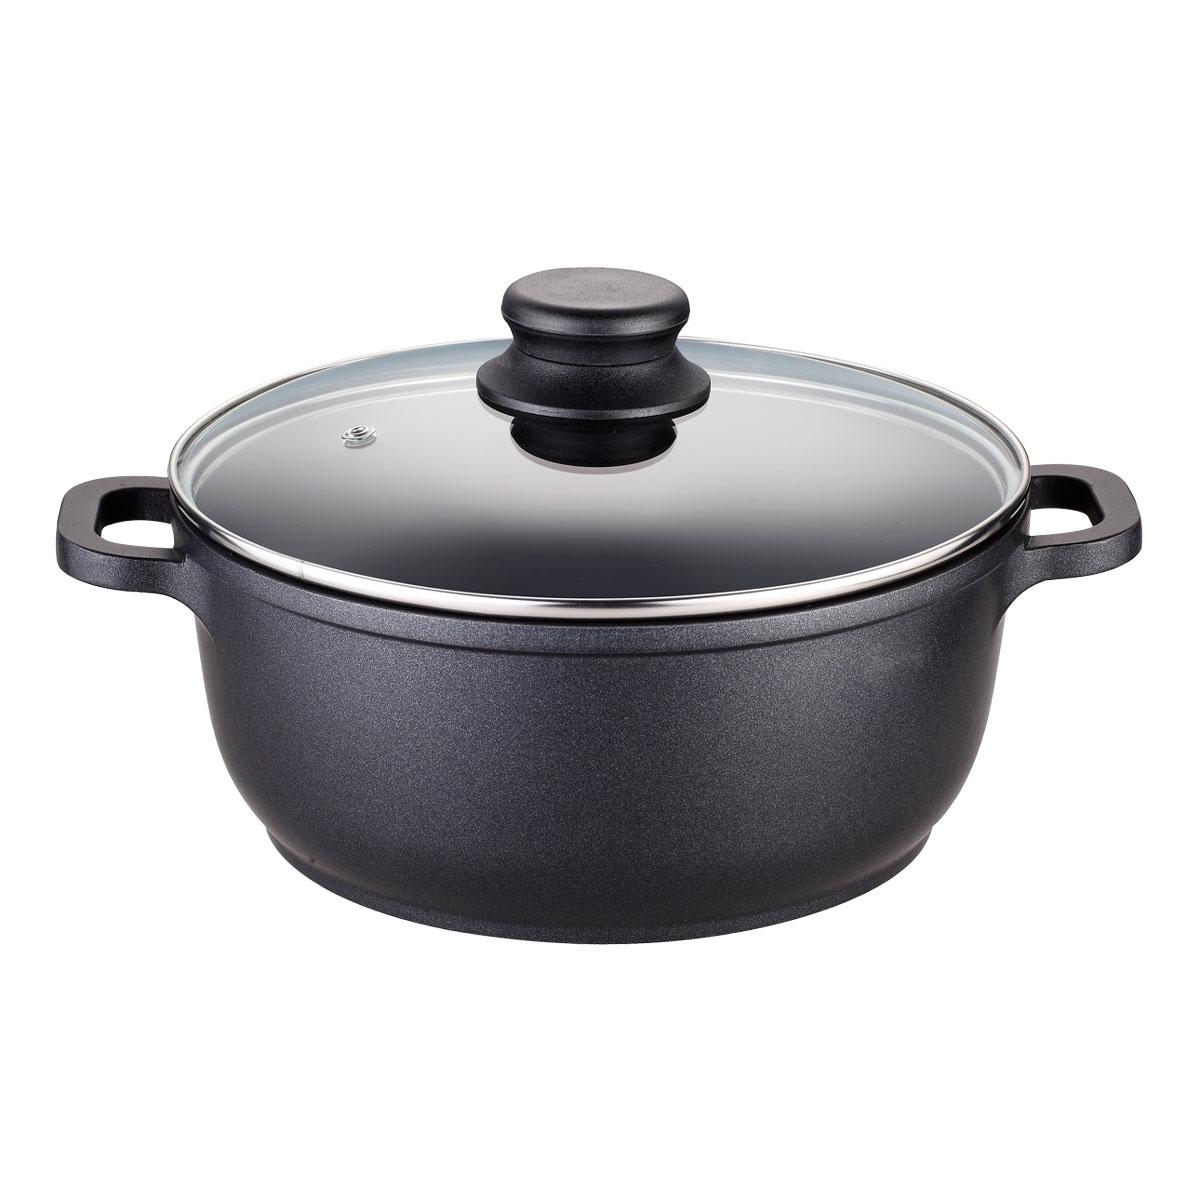 Кастрюля EcoWoo с крышкой, c антипригарным гранитным покрытием, 20х8,5 см, 2,3 л1005097UПодходит для использования в посудомоечной машине. Не использовать в СВЧ печи, духовом шкафу.